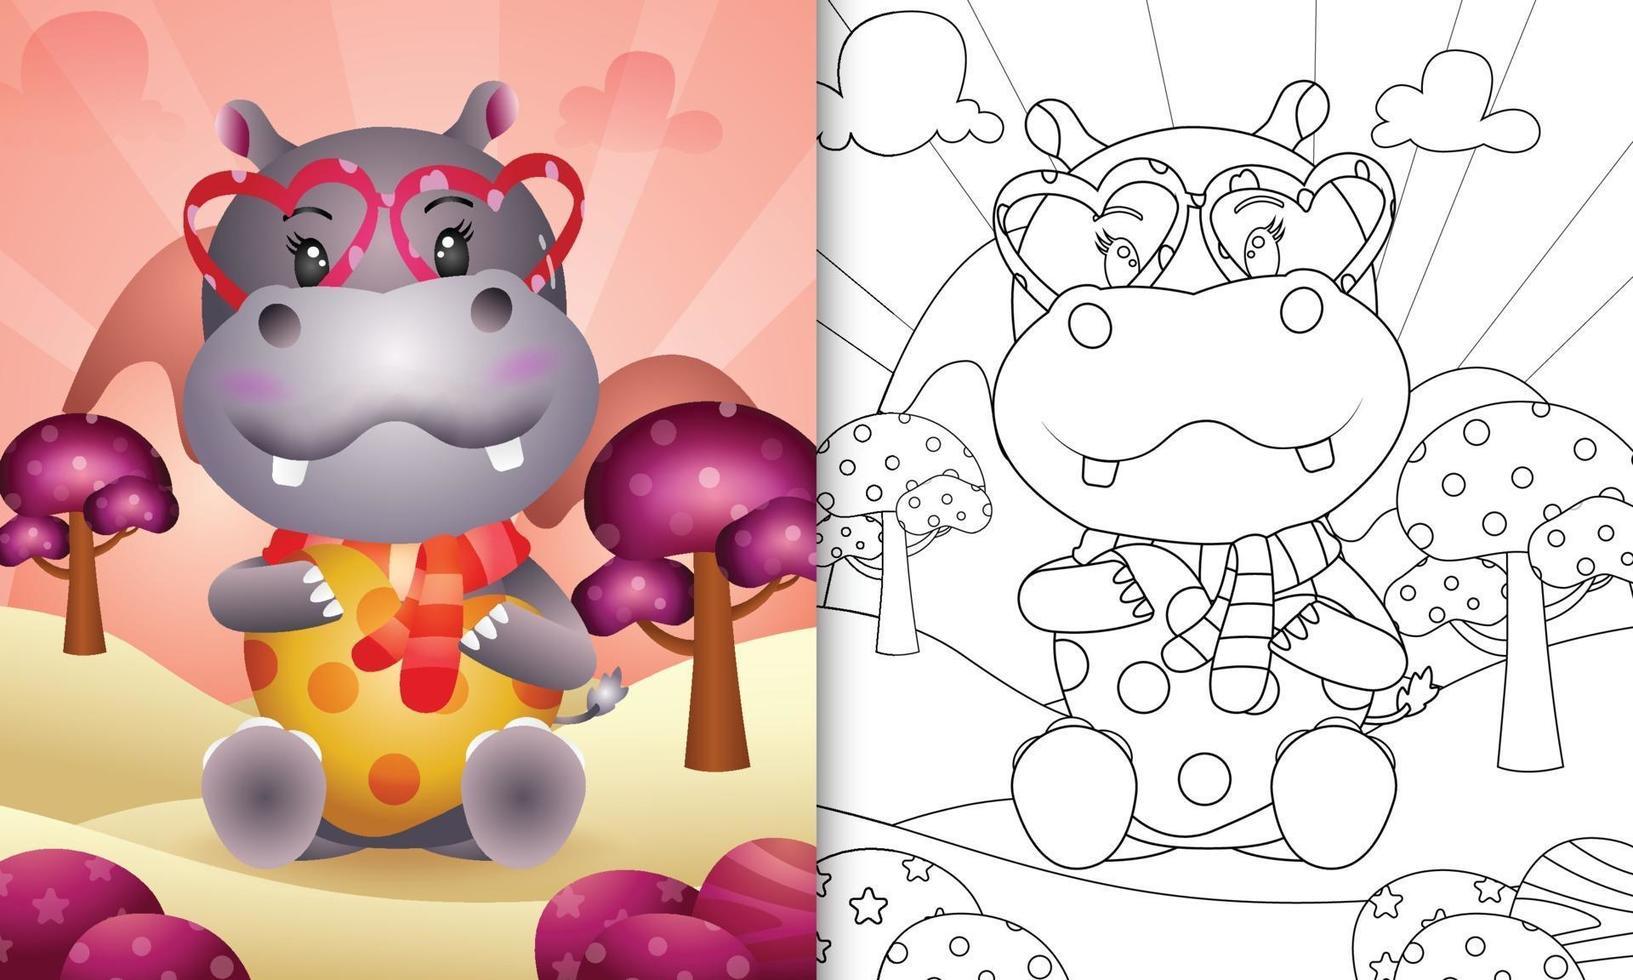 livre de coloriage pour les enfants avec un hippopotame mignon sur le thème de la saint valentin vecteur